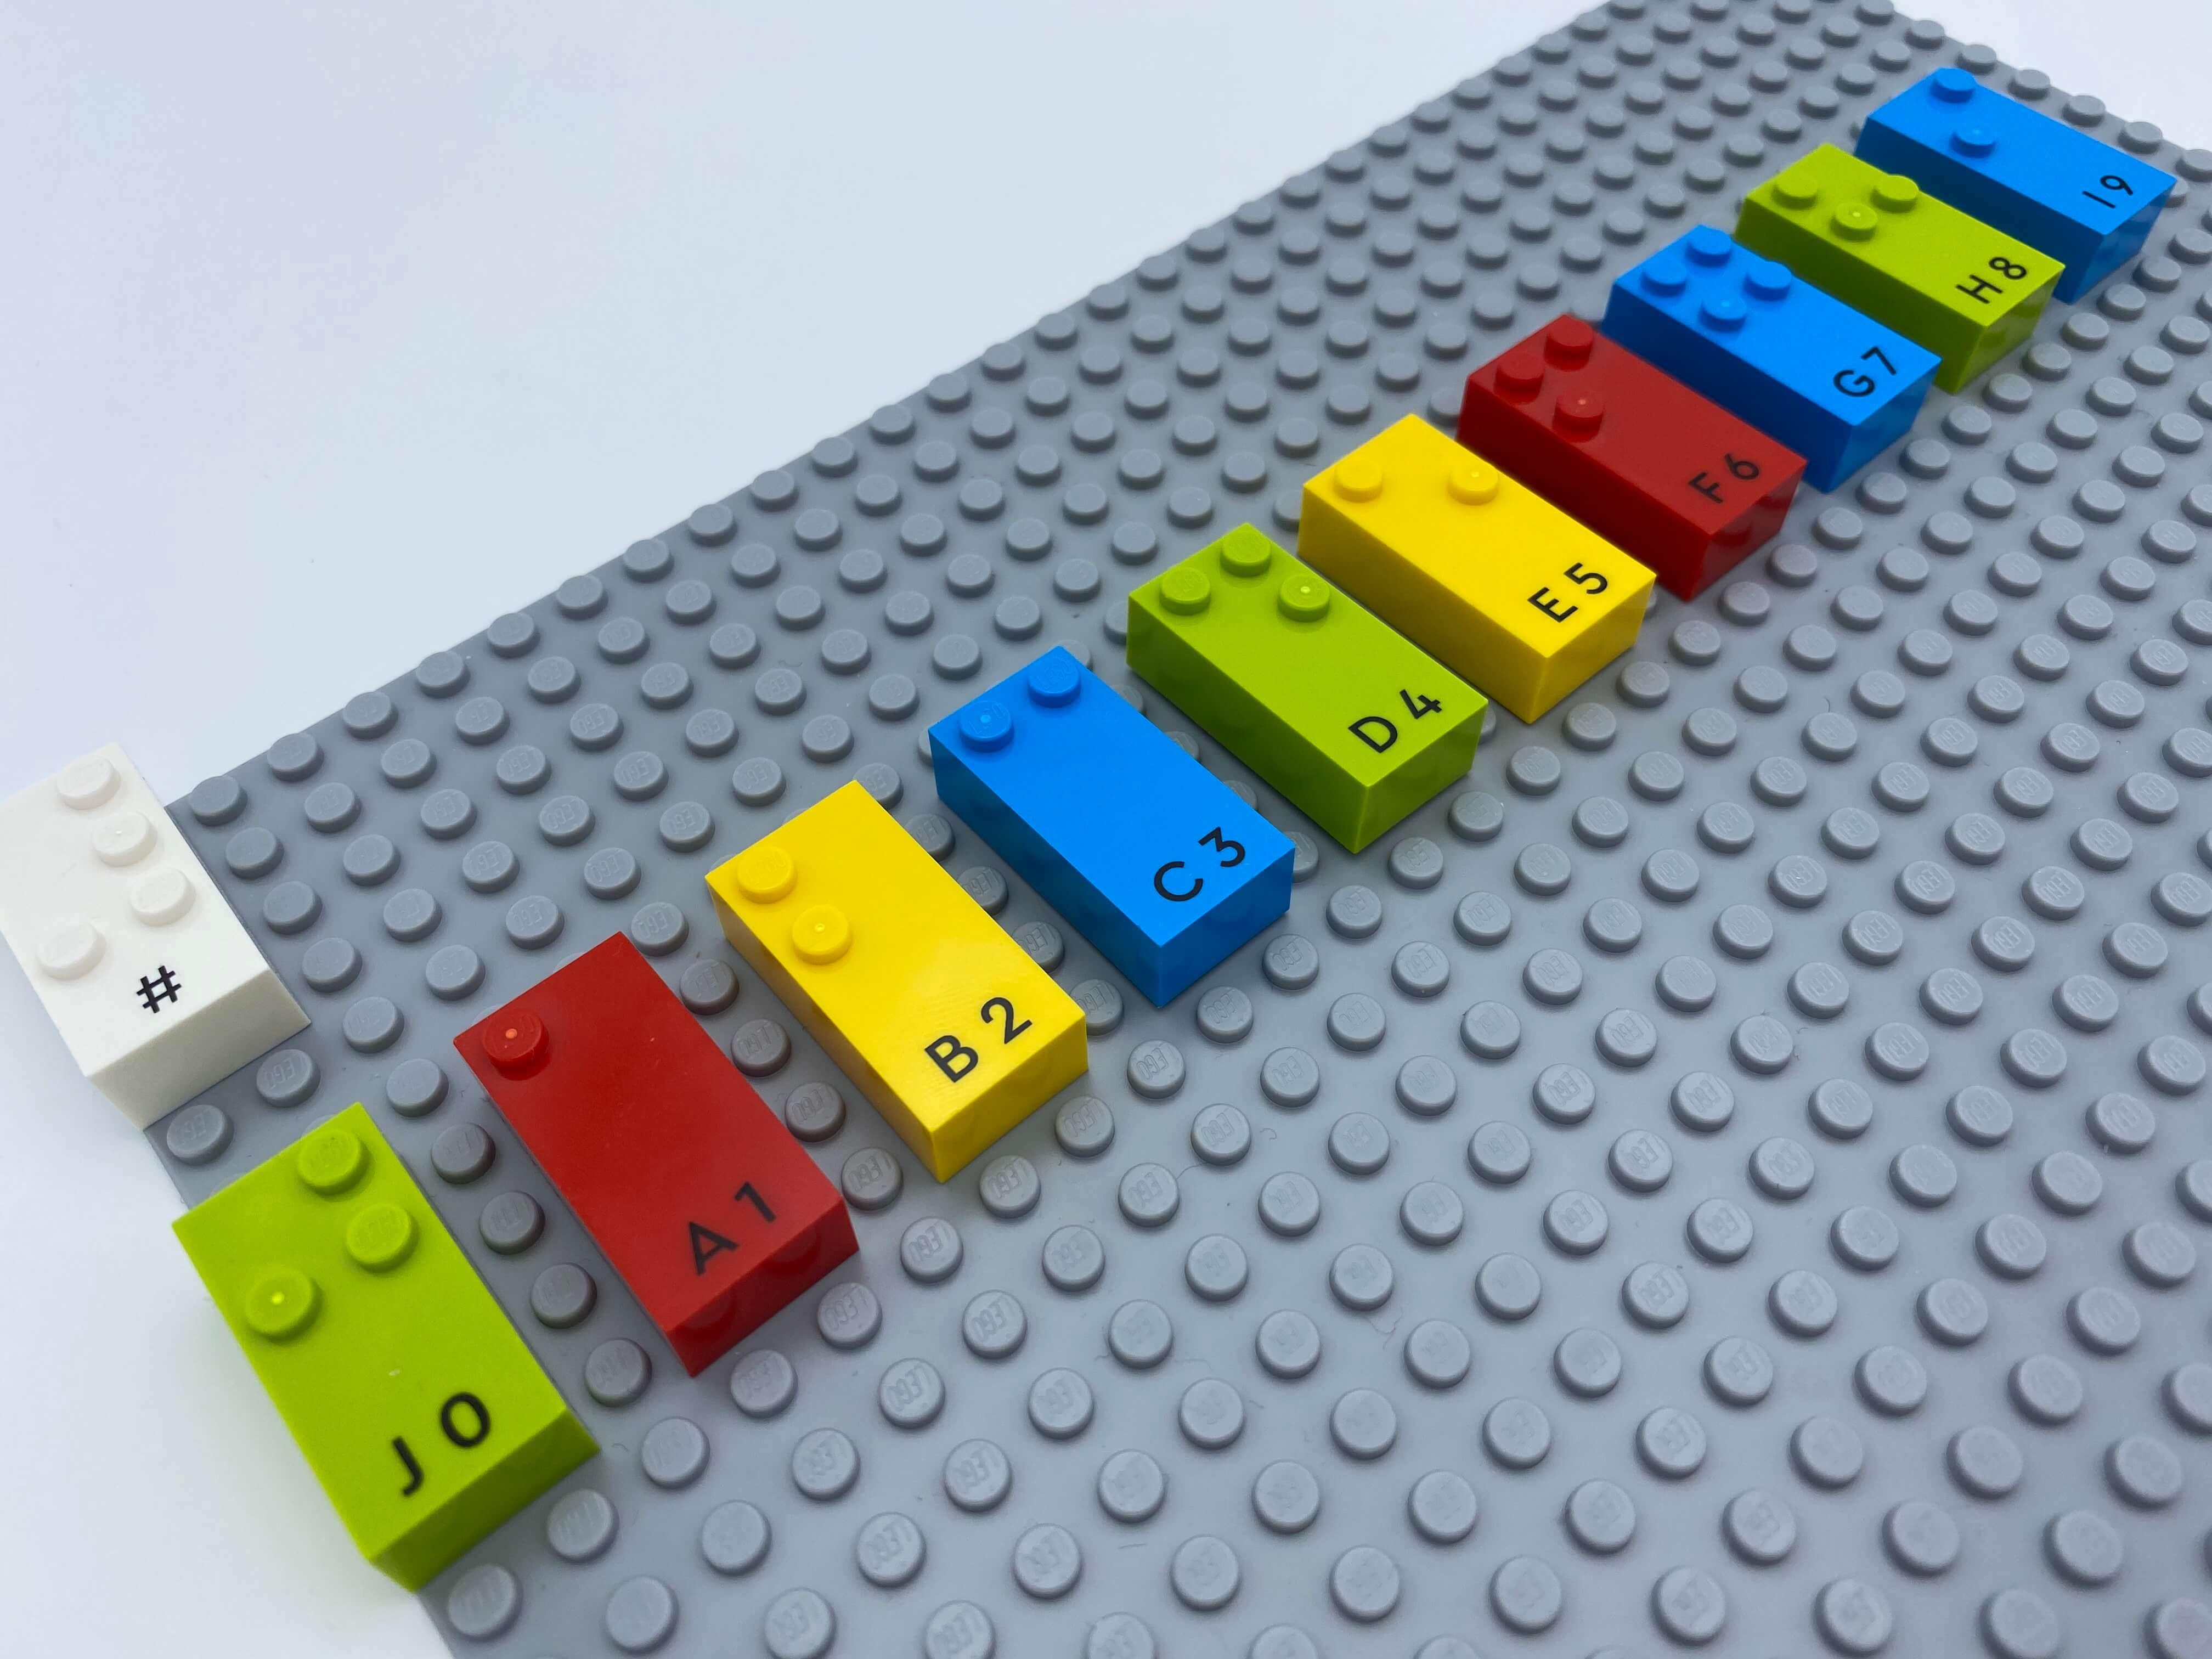 A number brick sign, 10 number bricks aligned 0 thru 9.